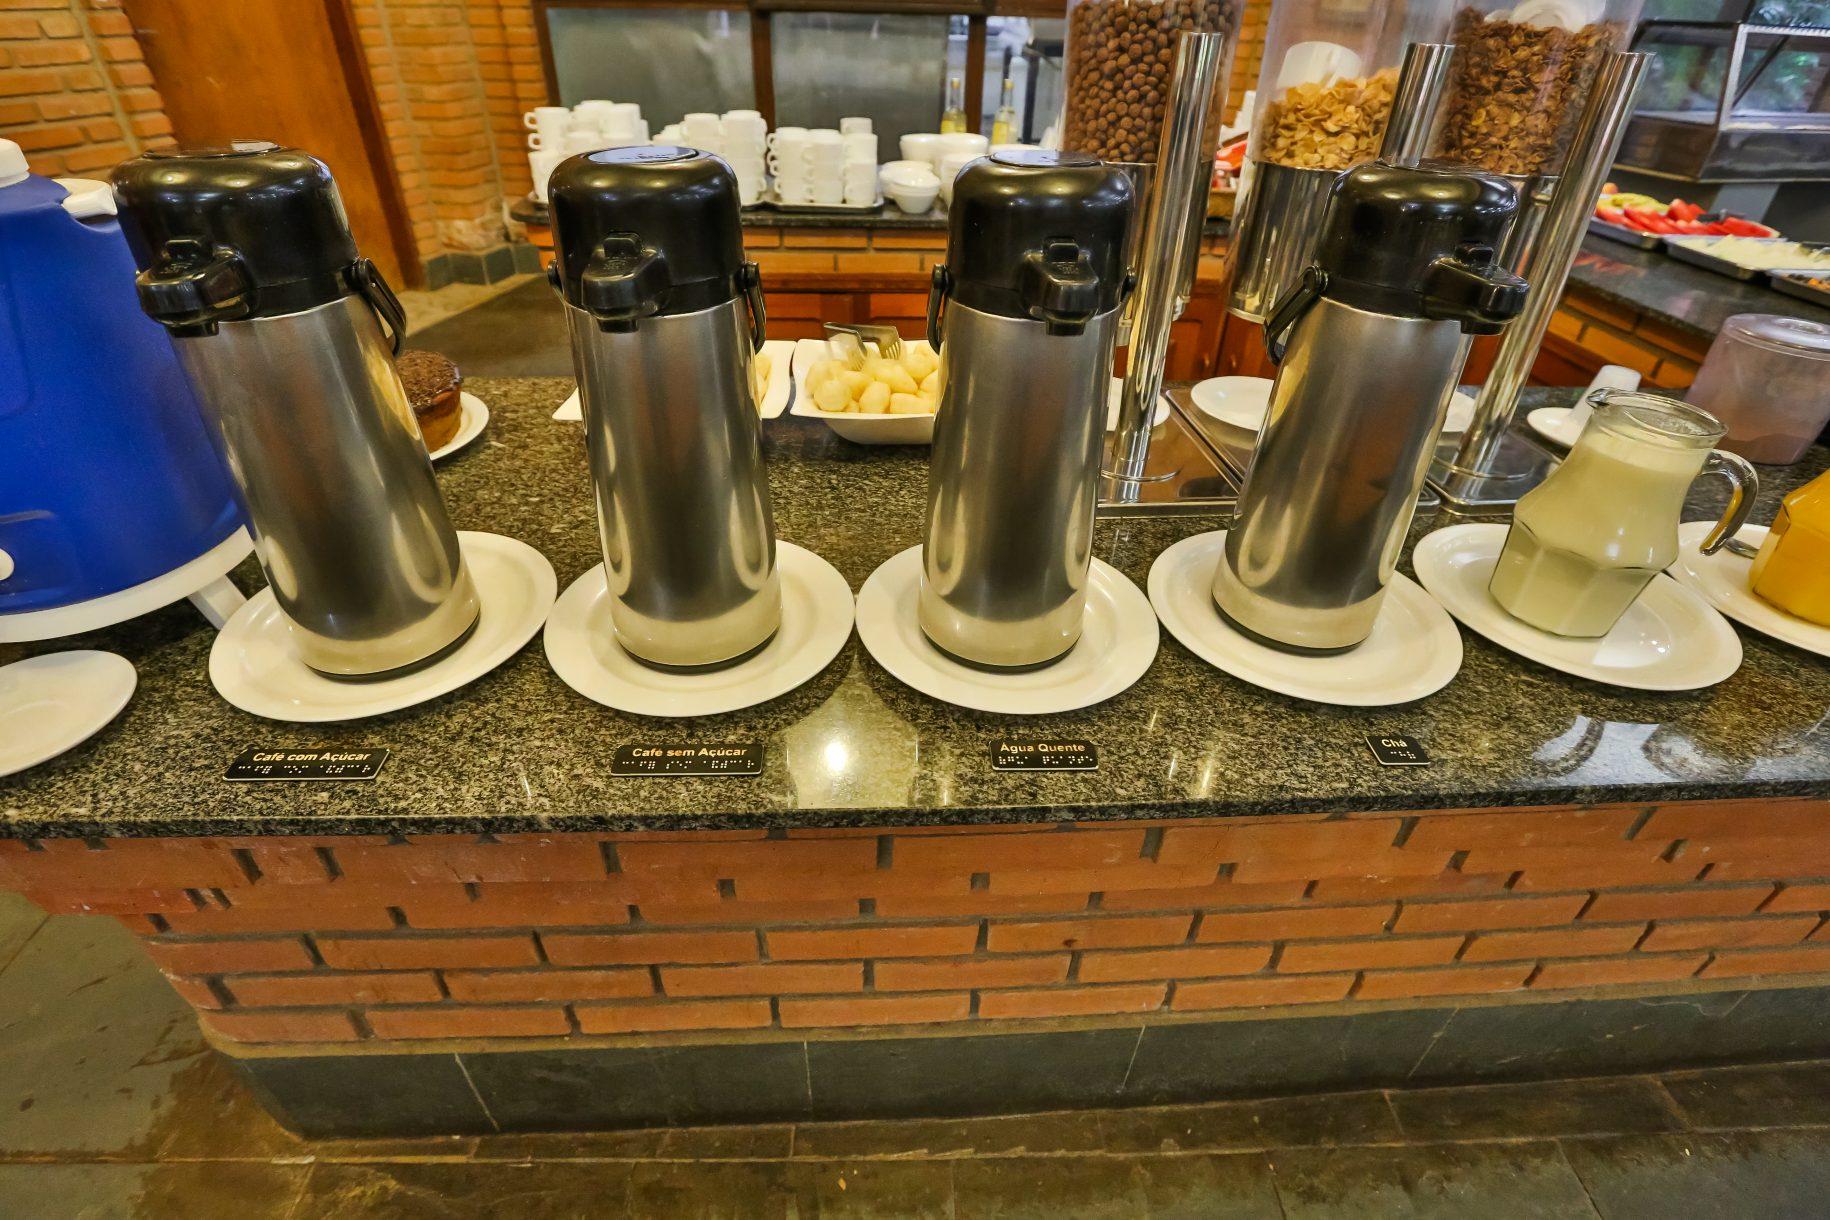 Café da manhã no hotel fazenda parque dos sonhos, foto com foco para as garrafas de café chá e etc